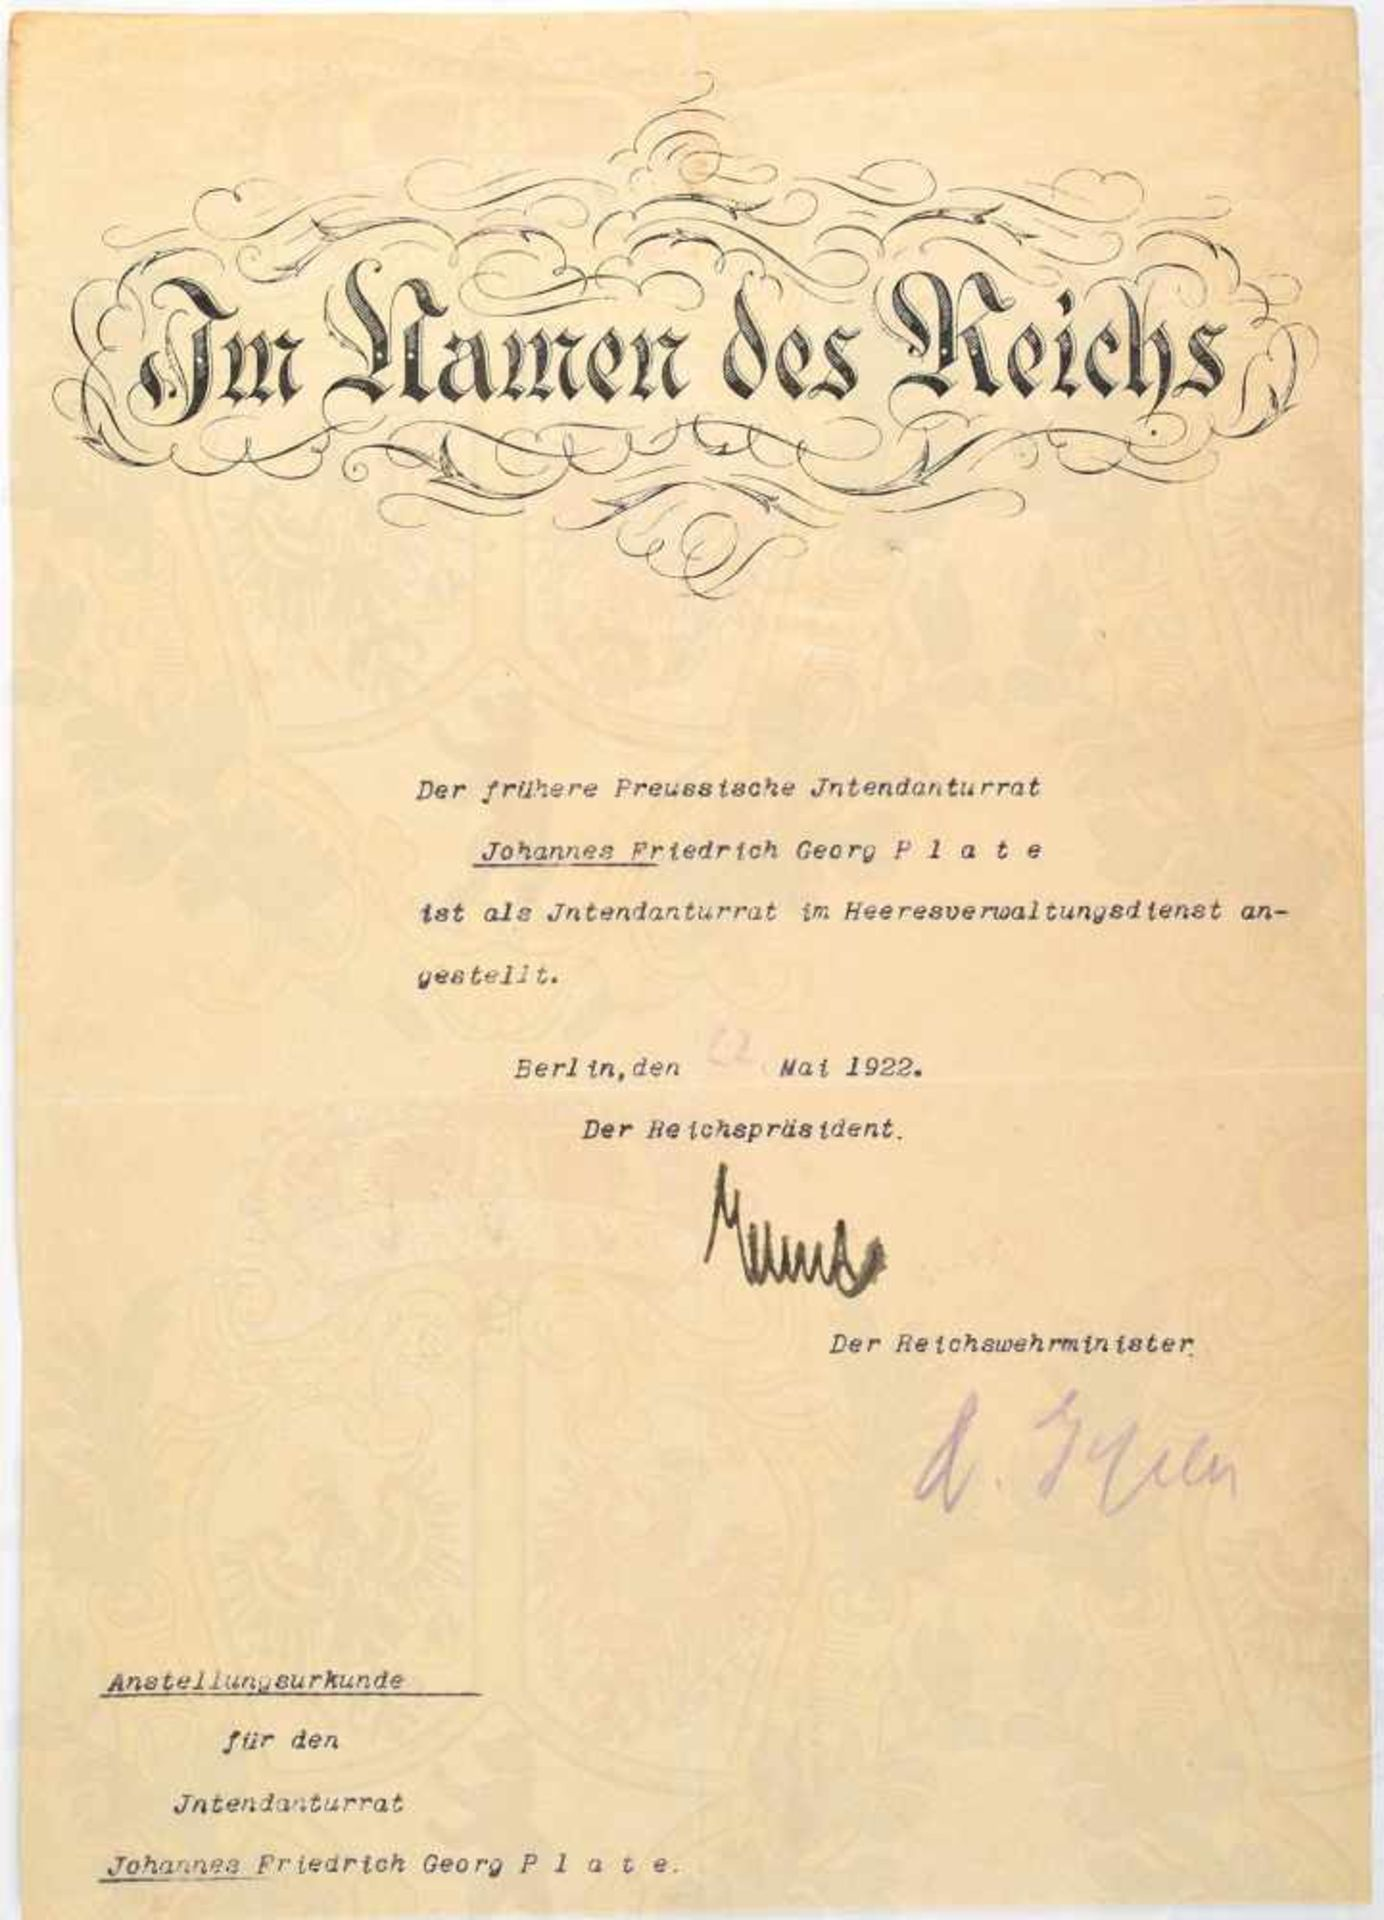 Los 8 - EBERT, FRIEDRICH, (1871-1925), dt. Politiker u. 1919-1925 erster Reichspräsident d. Weimarer